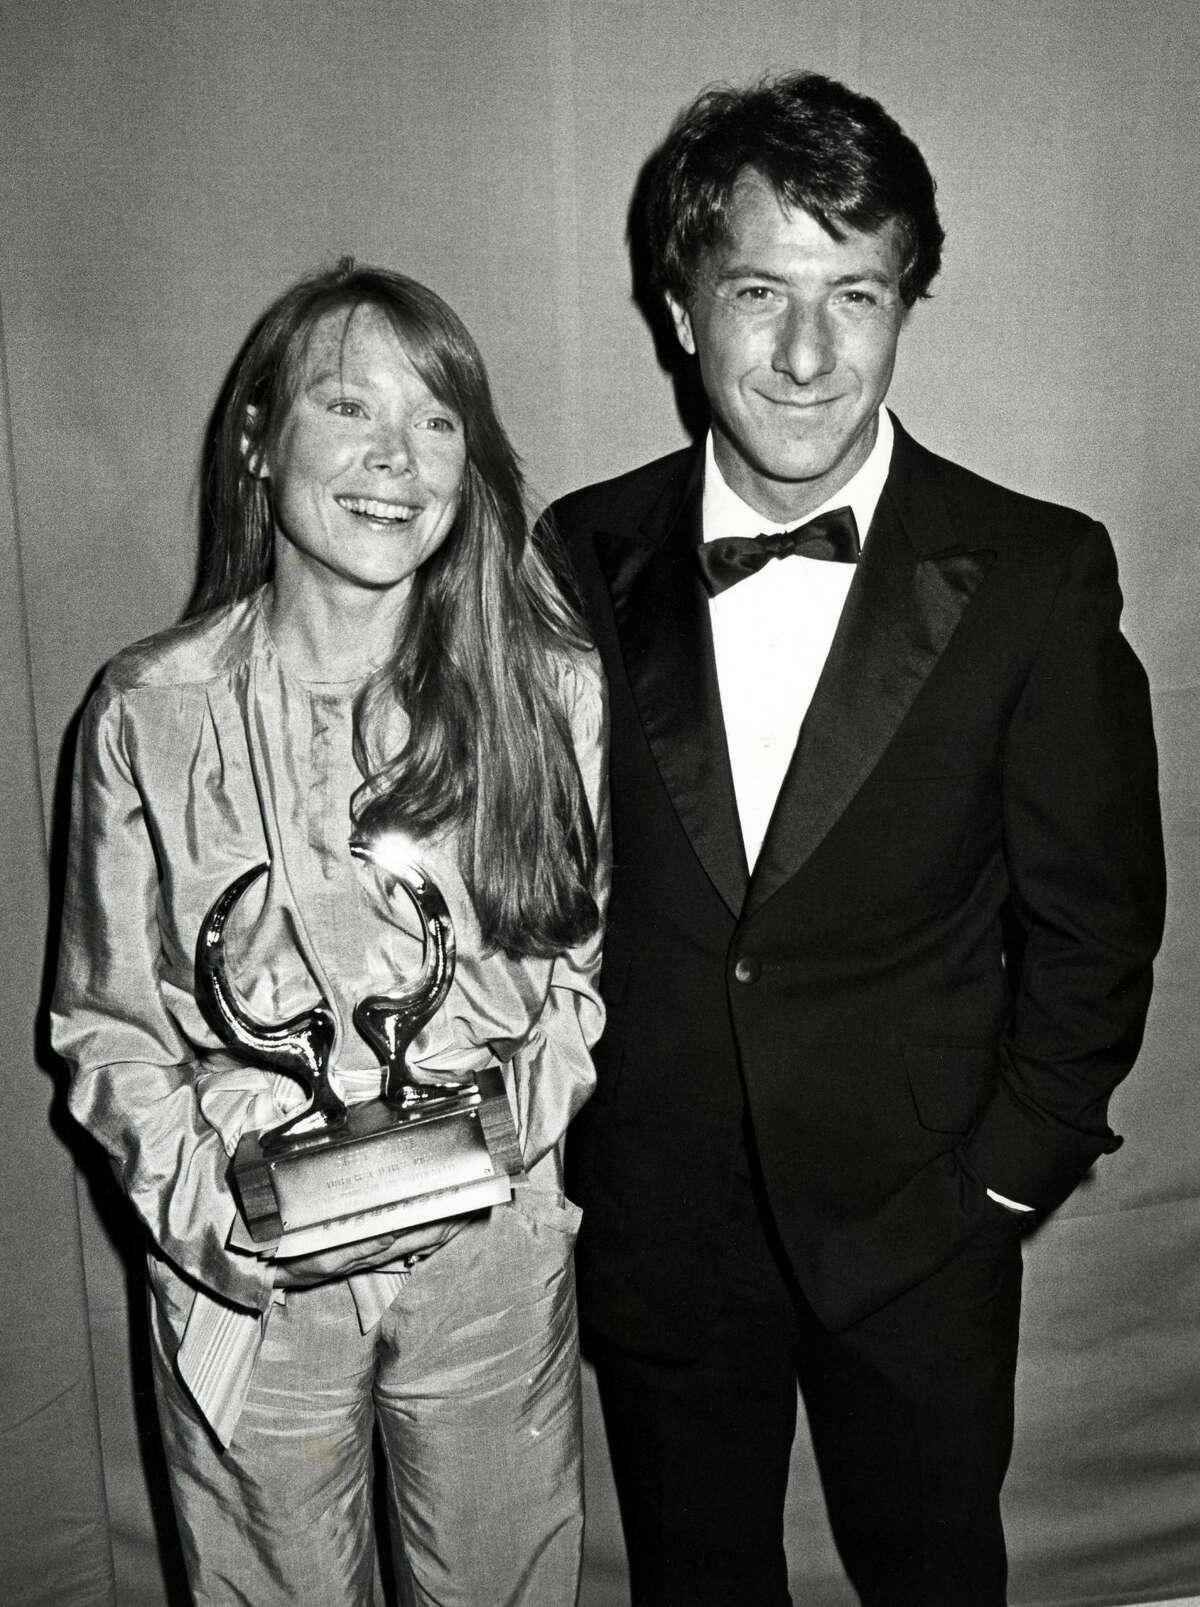 Sissy Spacek and Dustin Hoffman